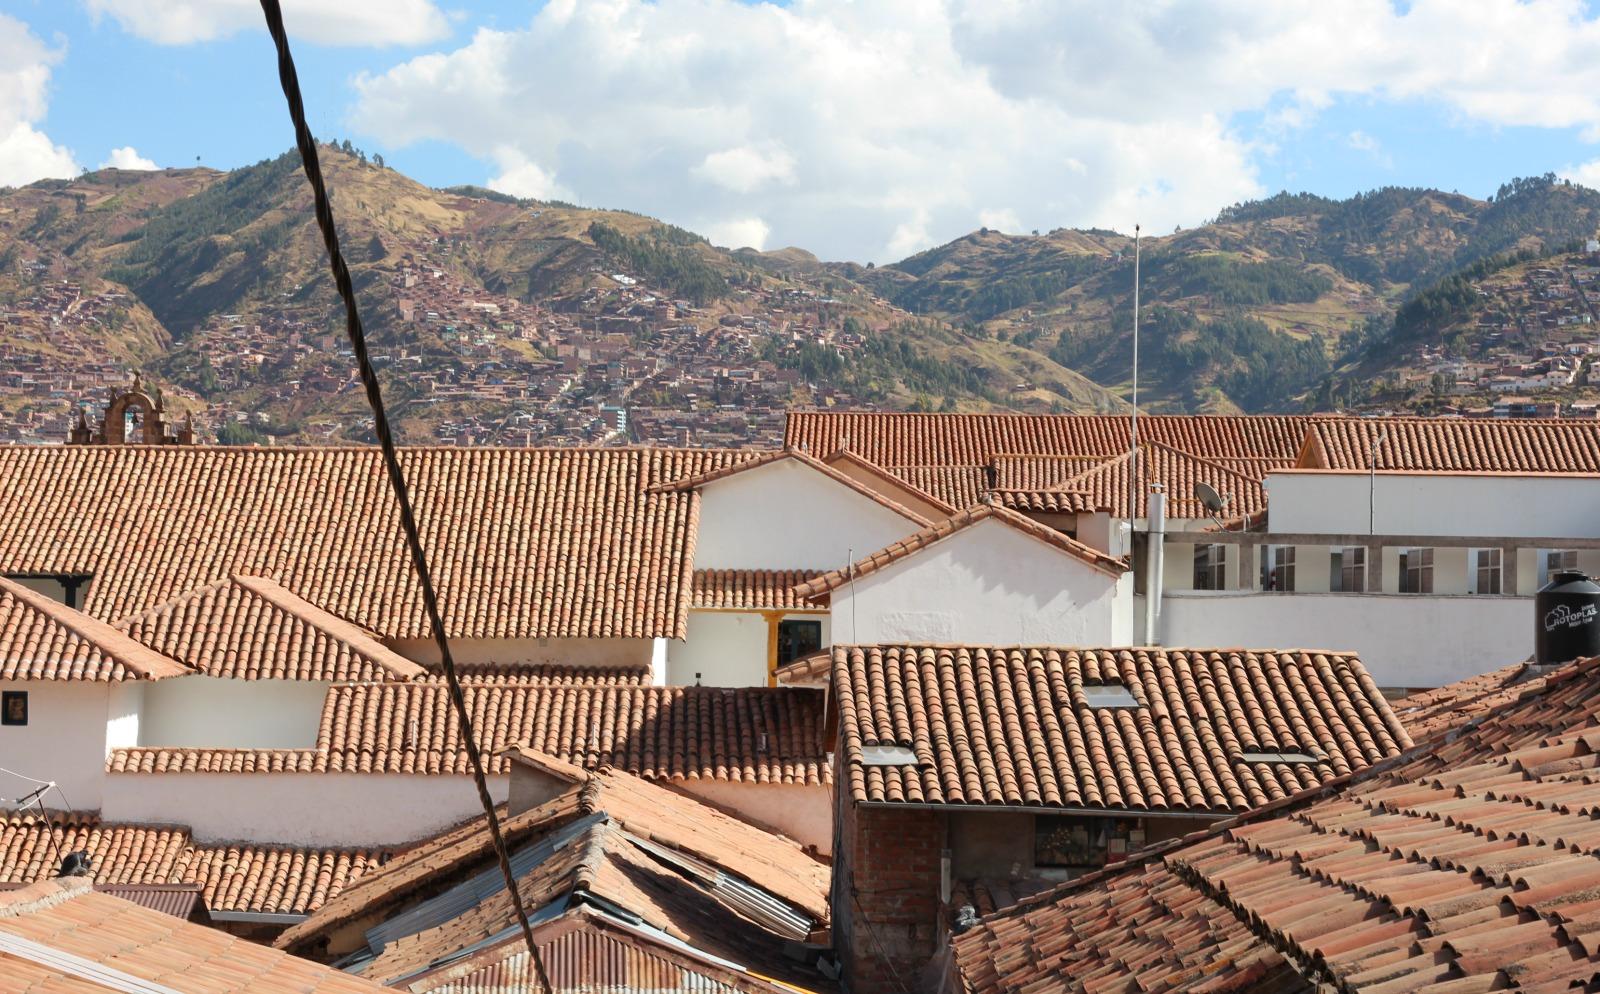 cusco-peru-rooftops